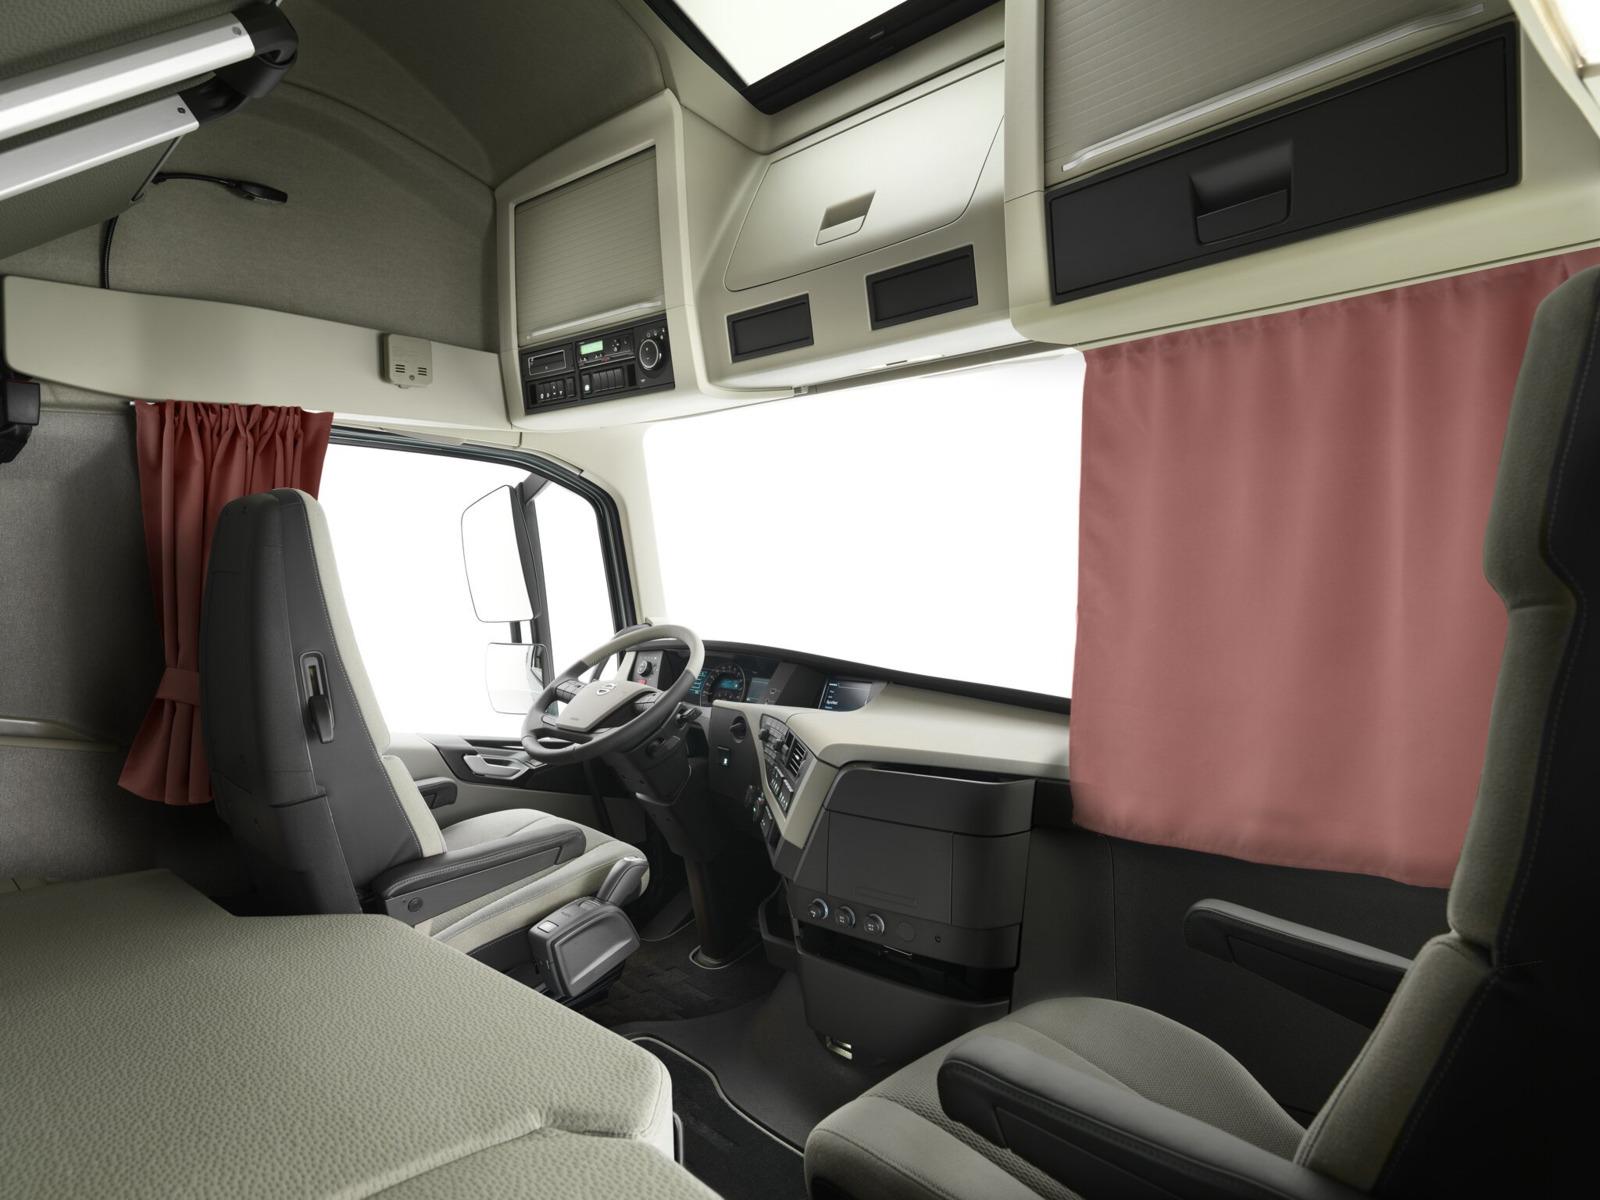 Фото - Комплект автоштор Эскар Blackout - auto LK, кофе с молоком, 2 шторы 240 х 100 см, 2 подхвата, гибкий карниз 5 м шторы для комнаты blackout комплект штор к326 32 кофе с молоком 200 240 см